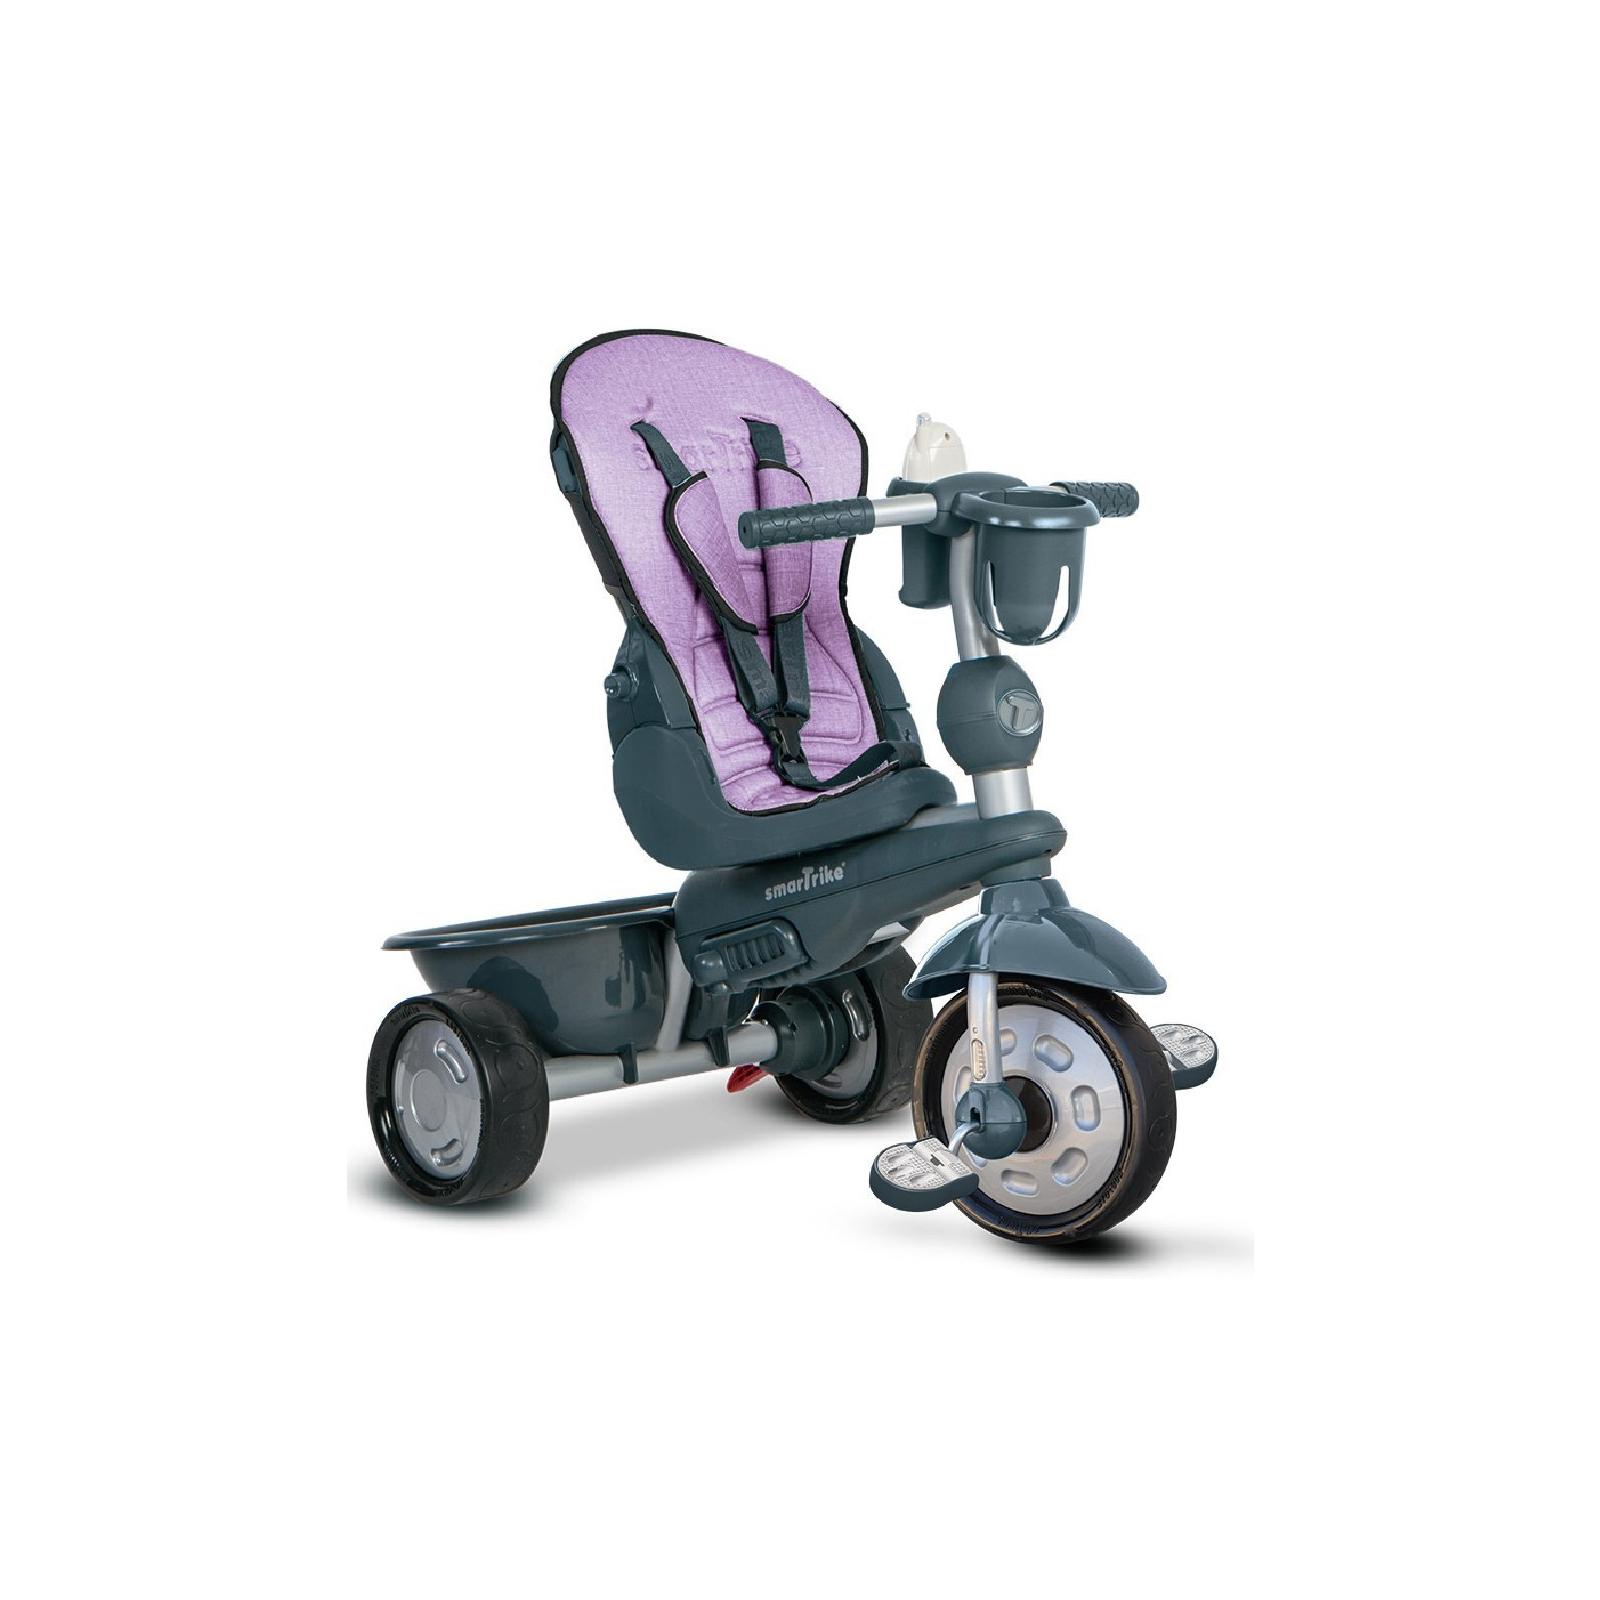 Детский велосипед Smart Trike Explorer 5 в 1 Grey (8200900) изображение 5